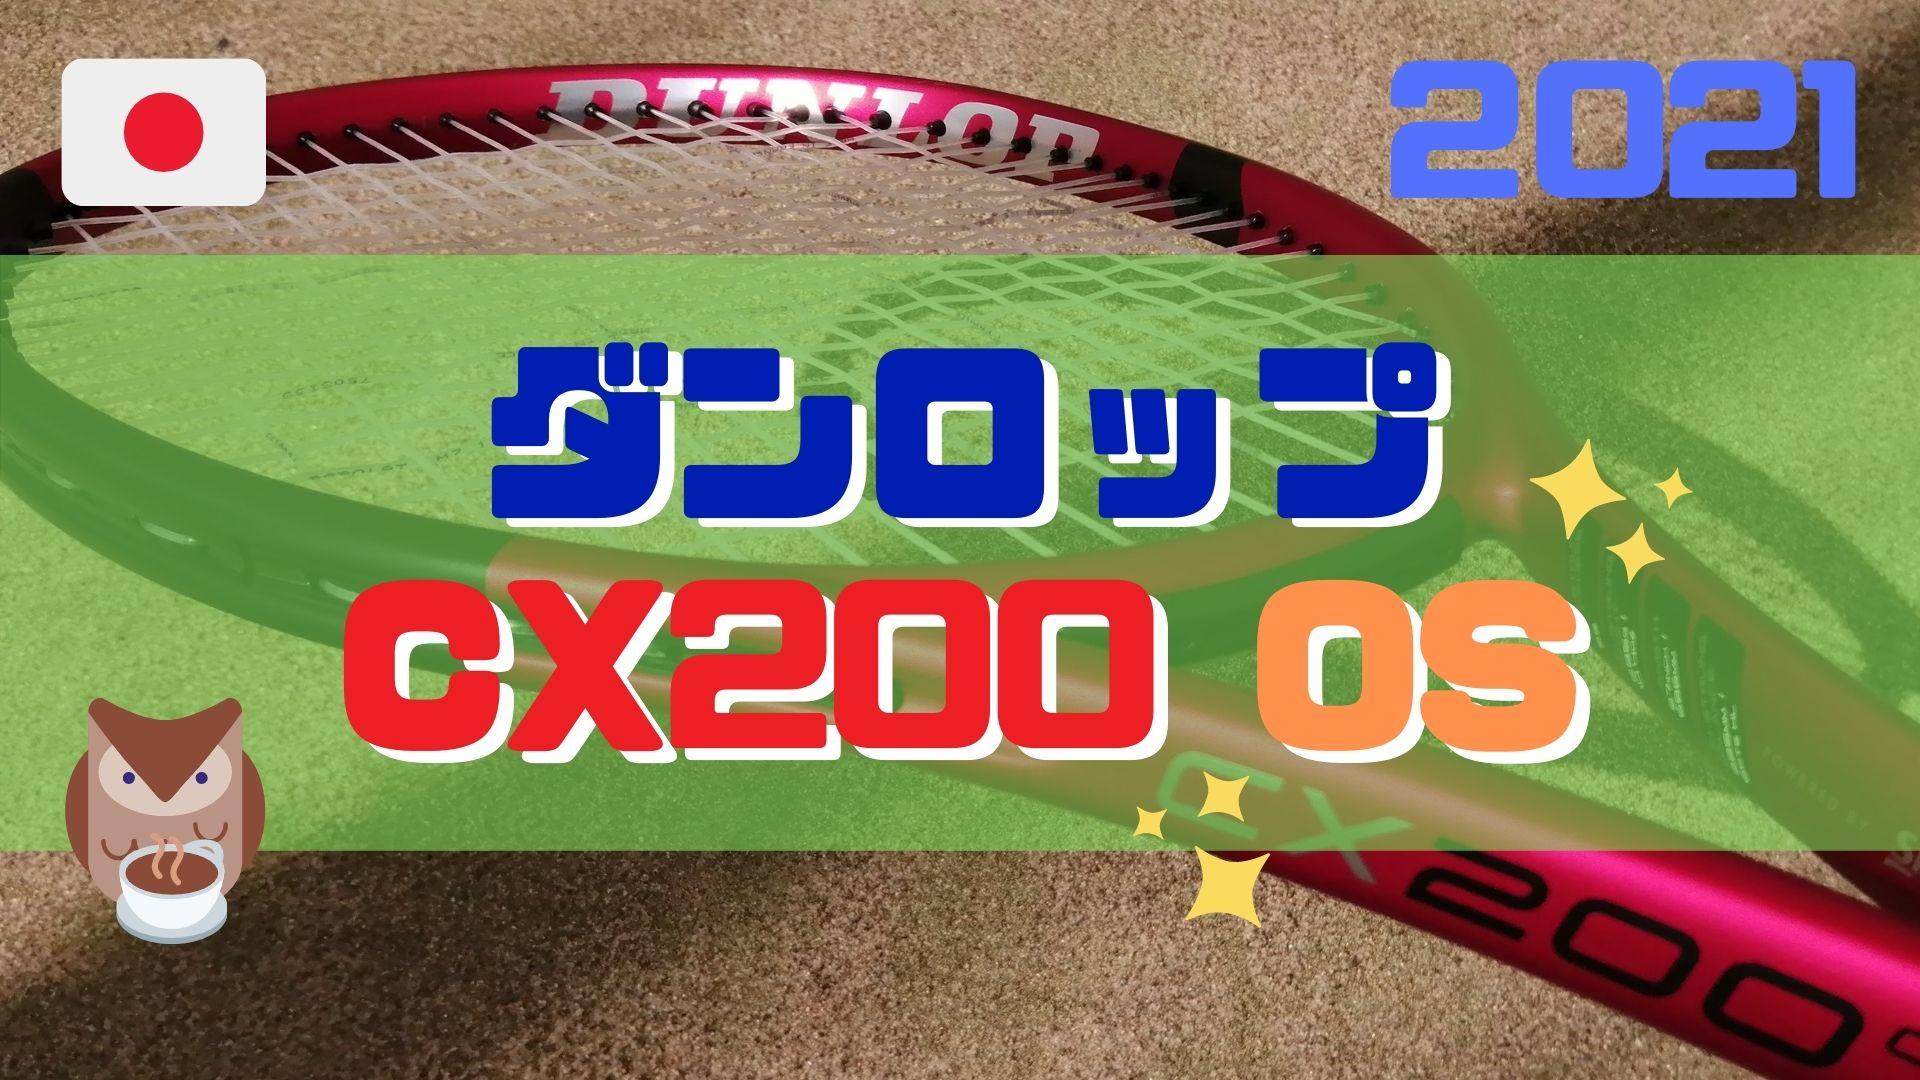 ダンロップ CX200 OS【インプレ評価】Dunlop CX200 OS